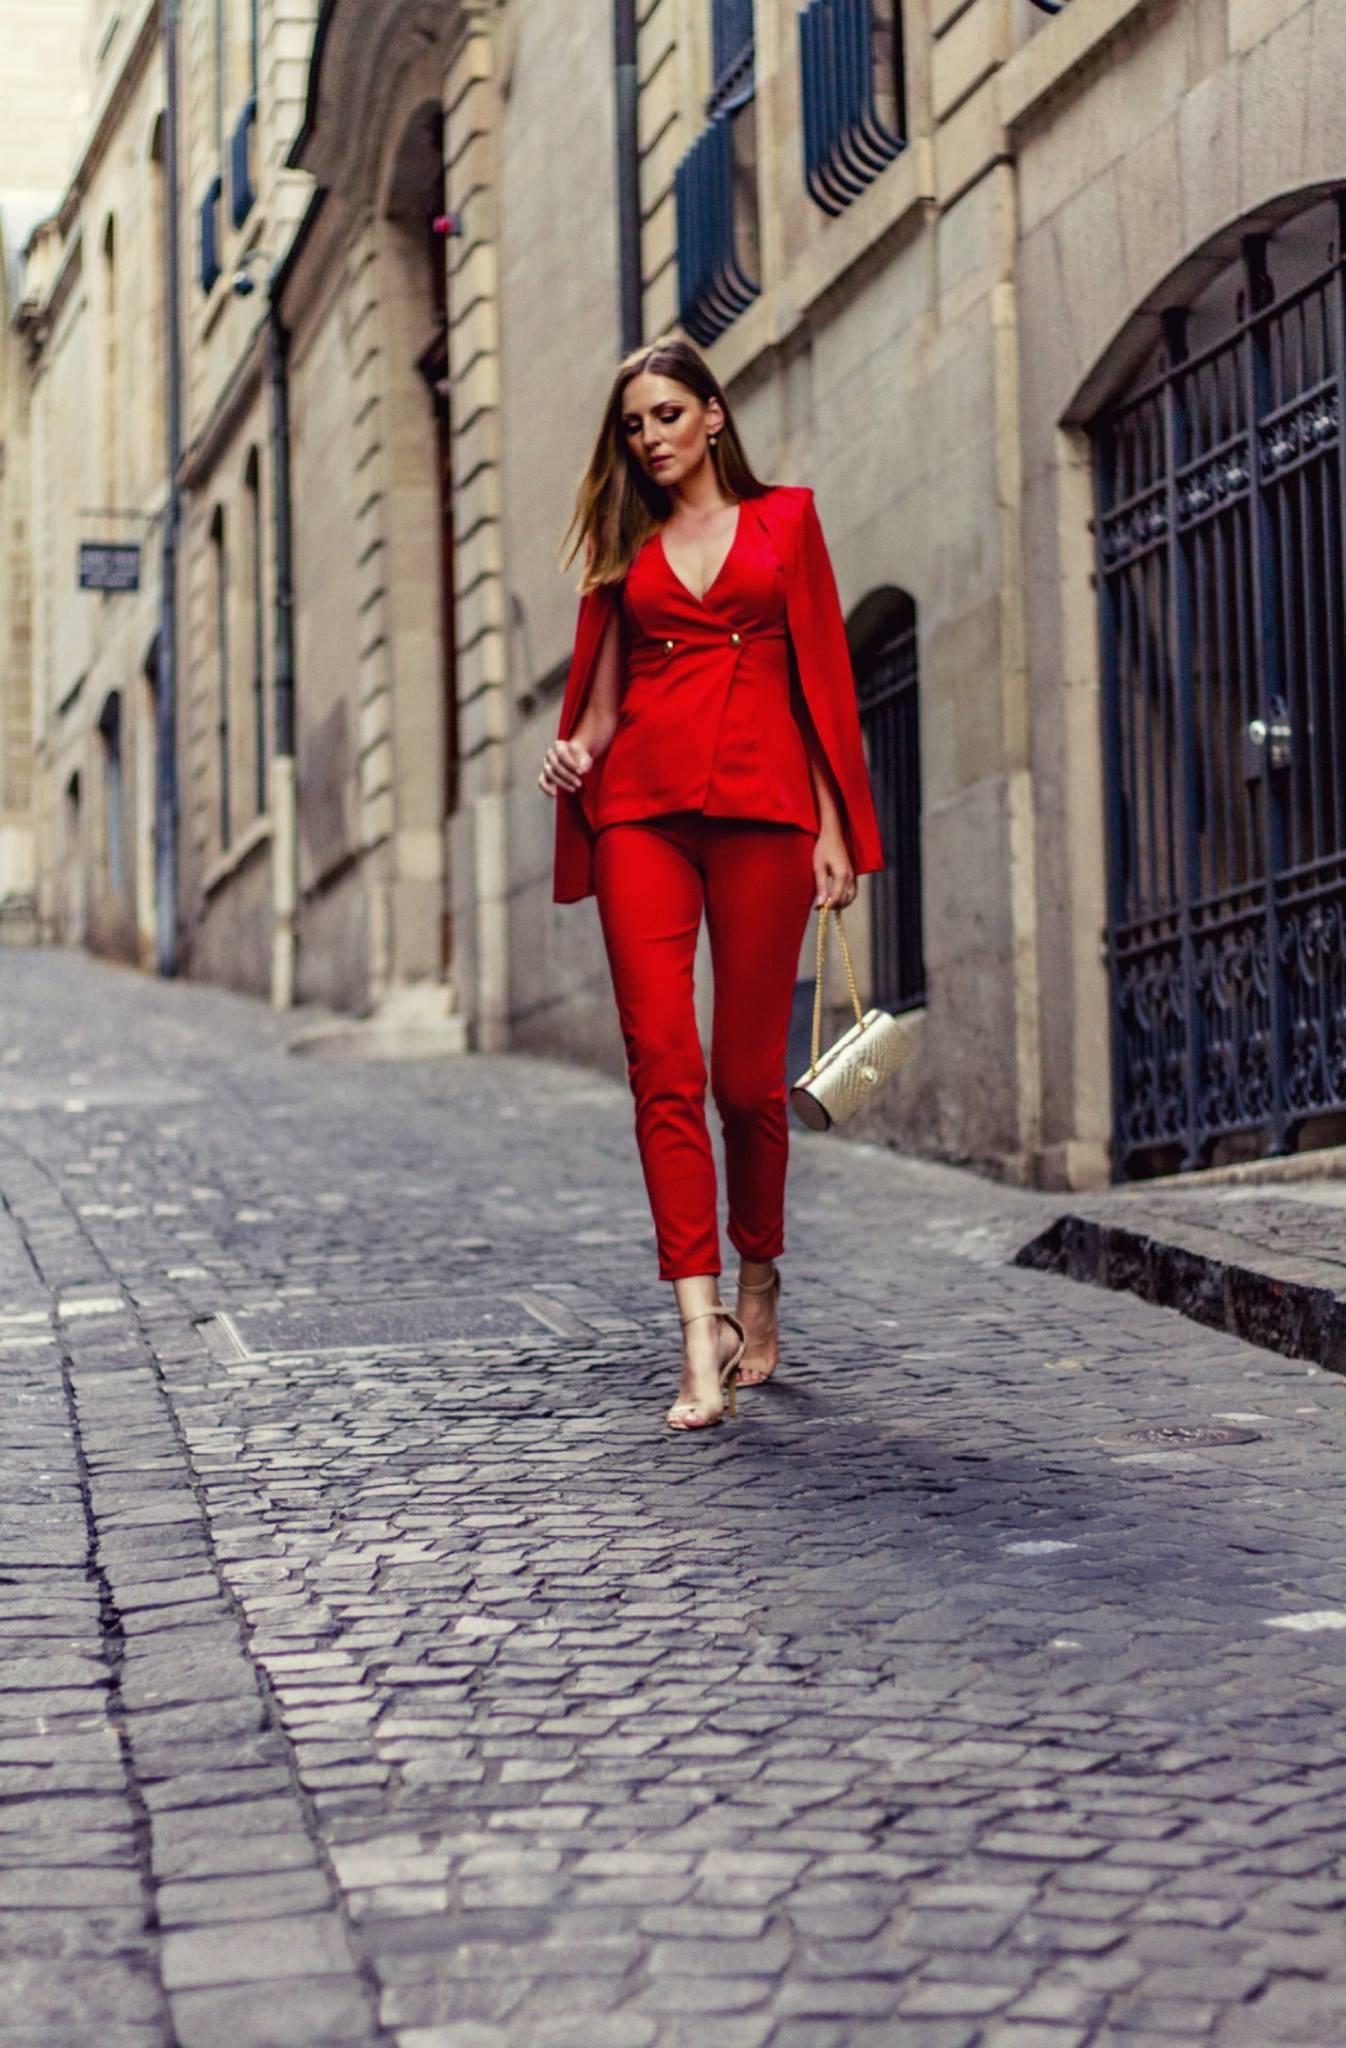 Izabela Bella Zofia in Geneva, Street Style. Wearing red suit